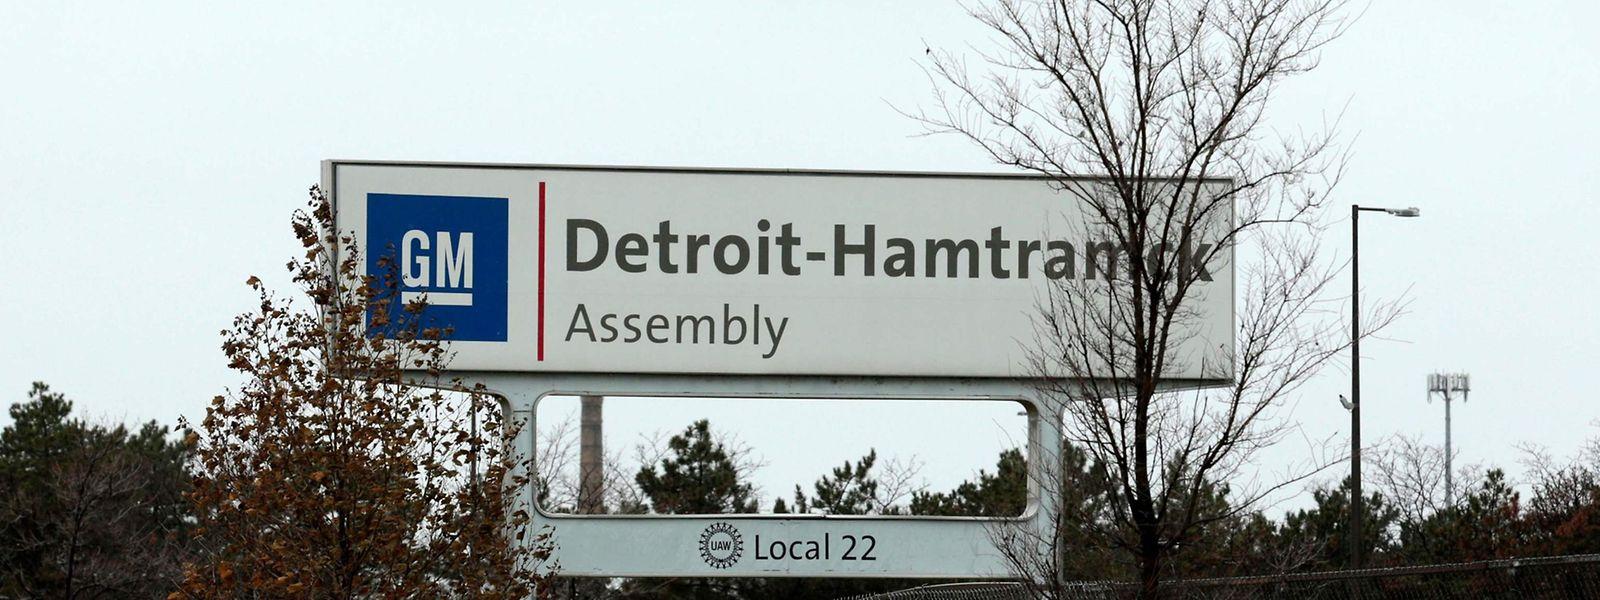 GM in Detroit-Hamtramck gehört zu den Werken, die schließen werden.